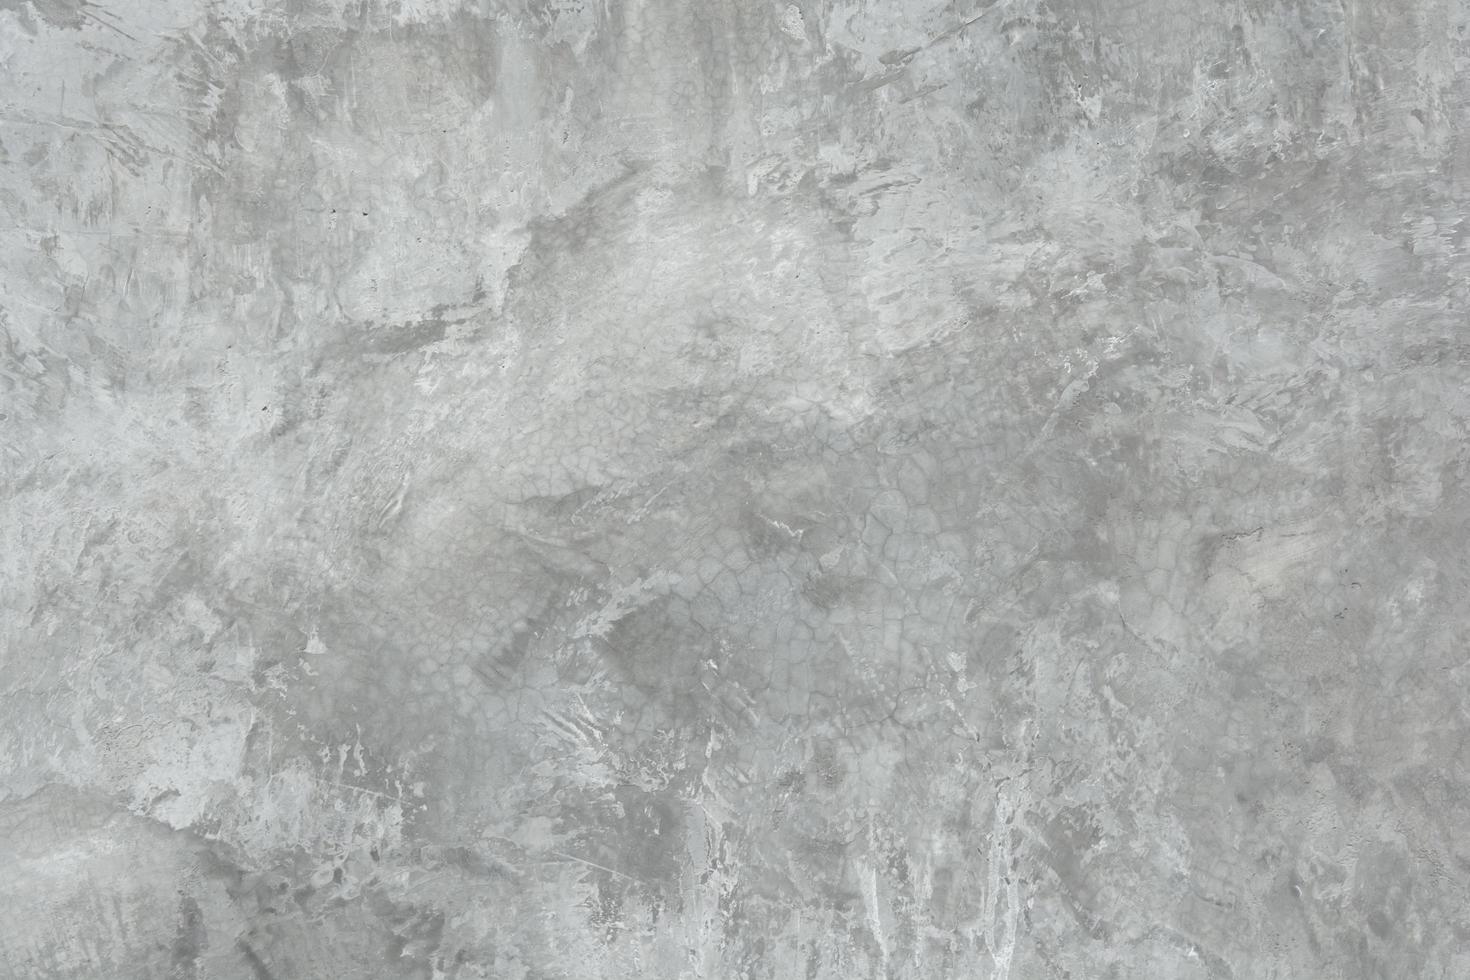 muro di cemento grigio foto